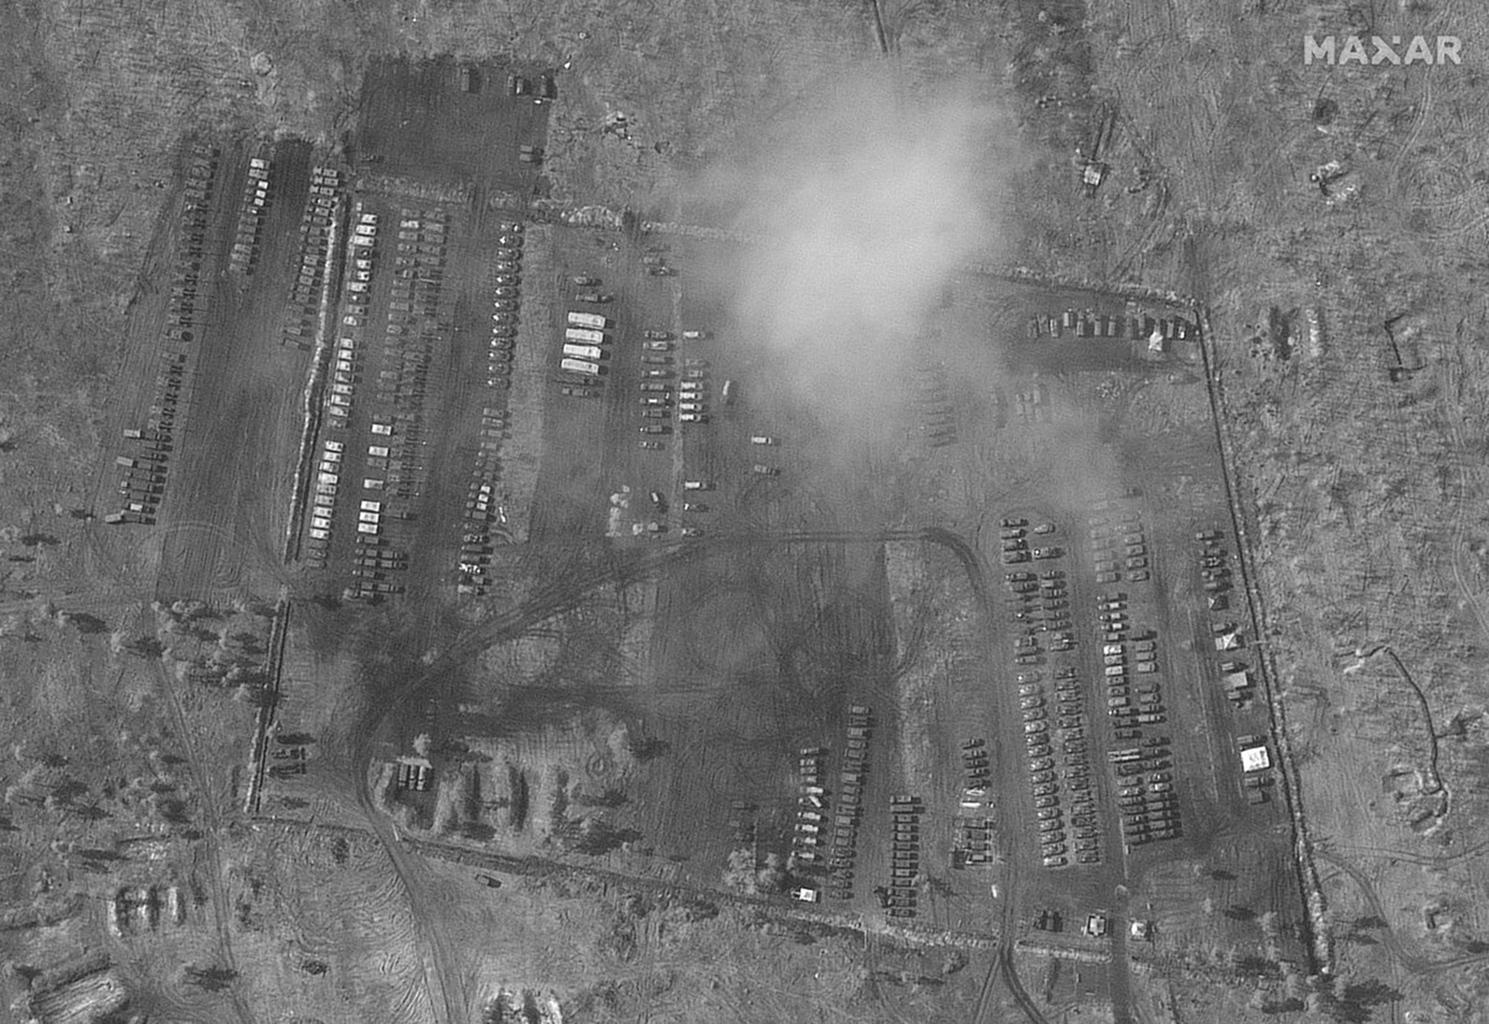 A Voronyezs melletti orosz katonai táborról készült műholdkép. Mint látható a páncélos technika létszáma nem tesz ki a fentebb említett 95 darabos ezred szintjét. Továbbá a képen szereplő eszközök többsége katonai teherautó vagy csapatszállító #moszkvater